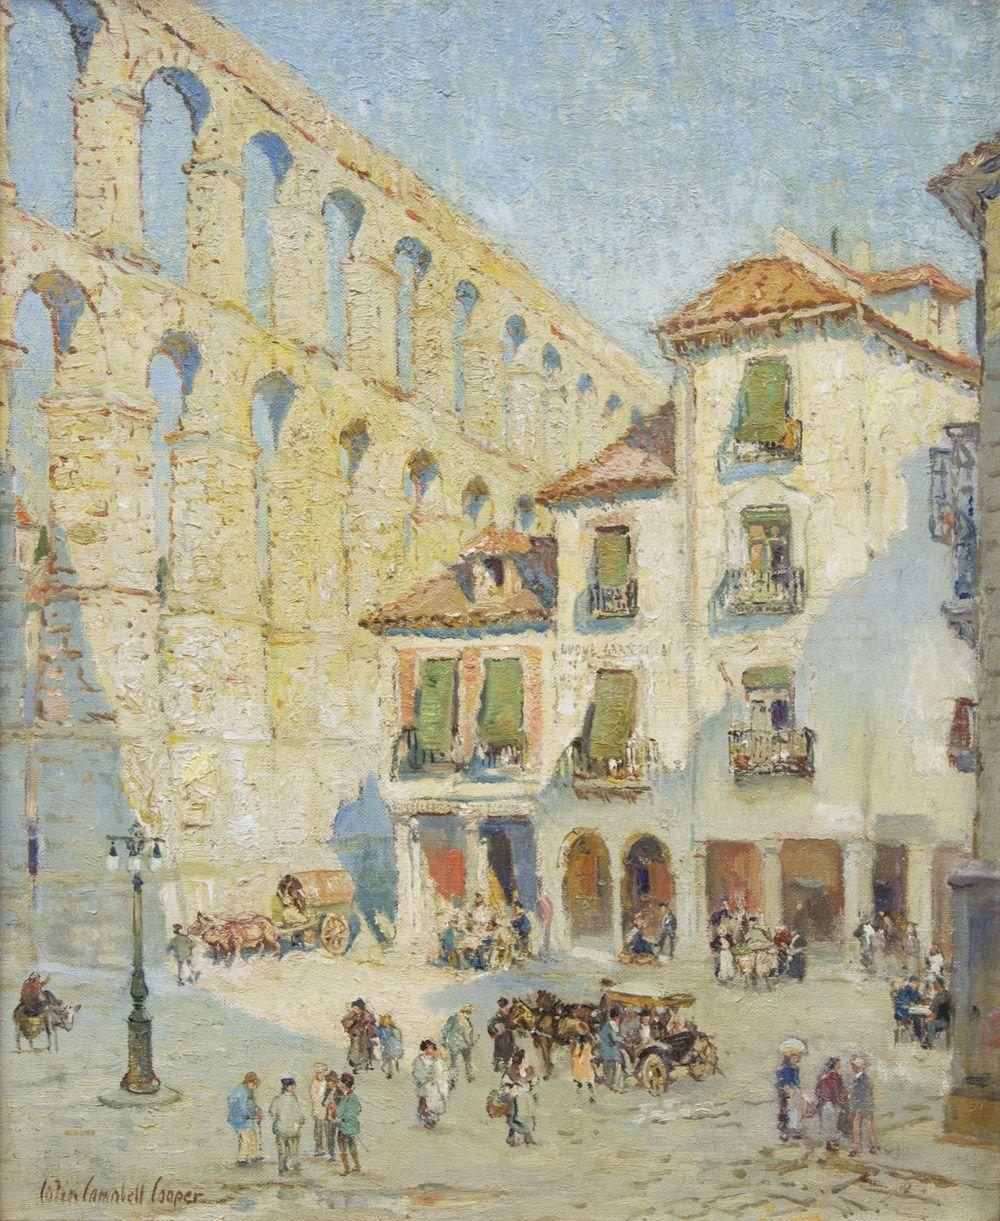 Colin Campbell Cooper (1856-1937), Segovia Spain